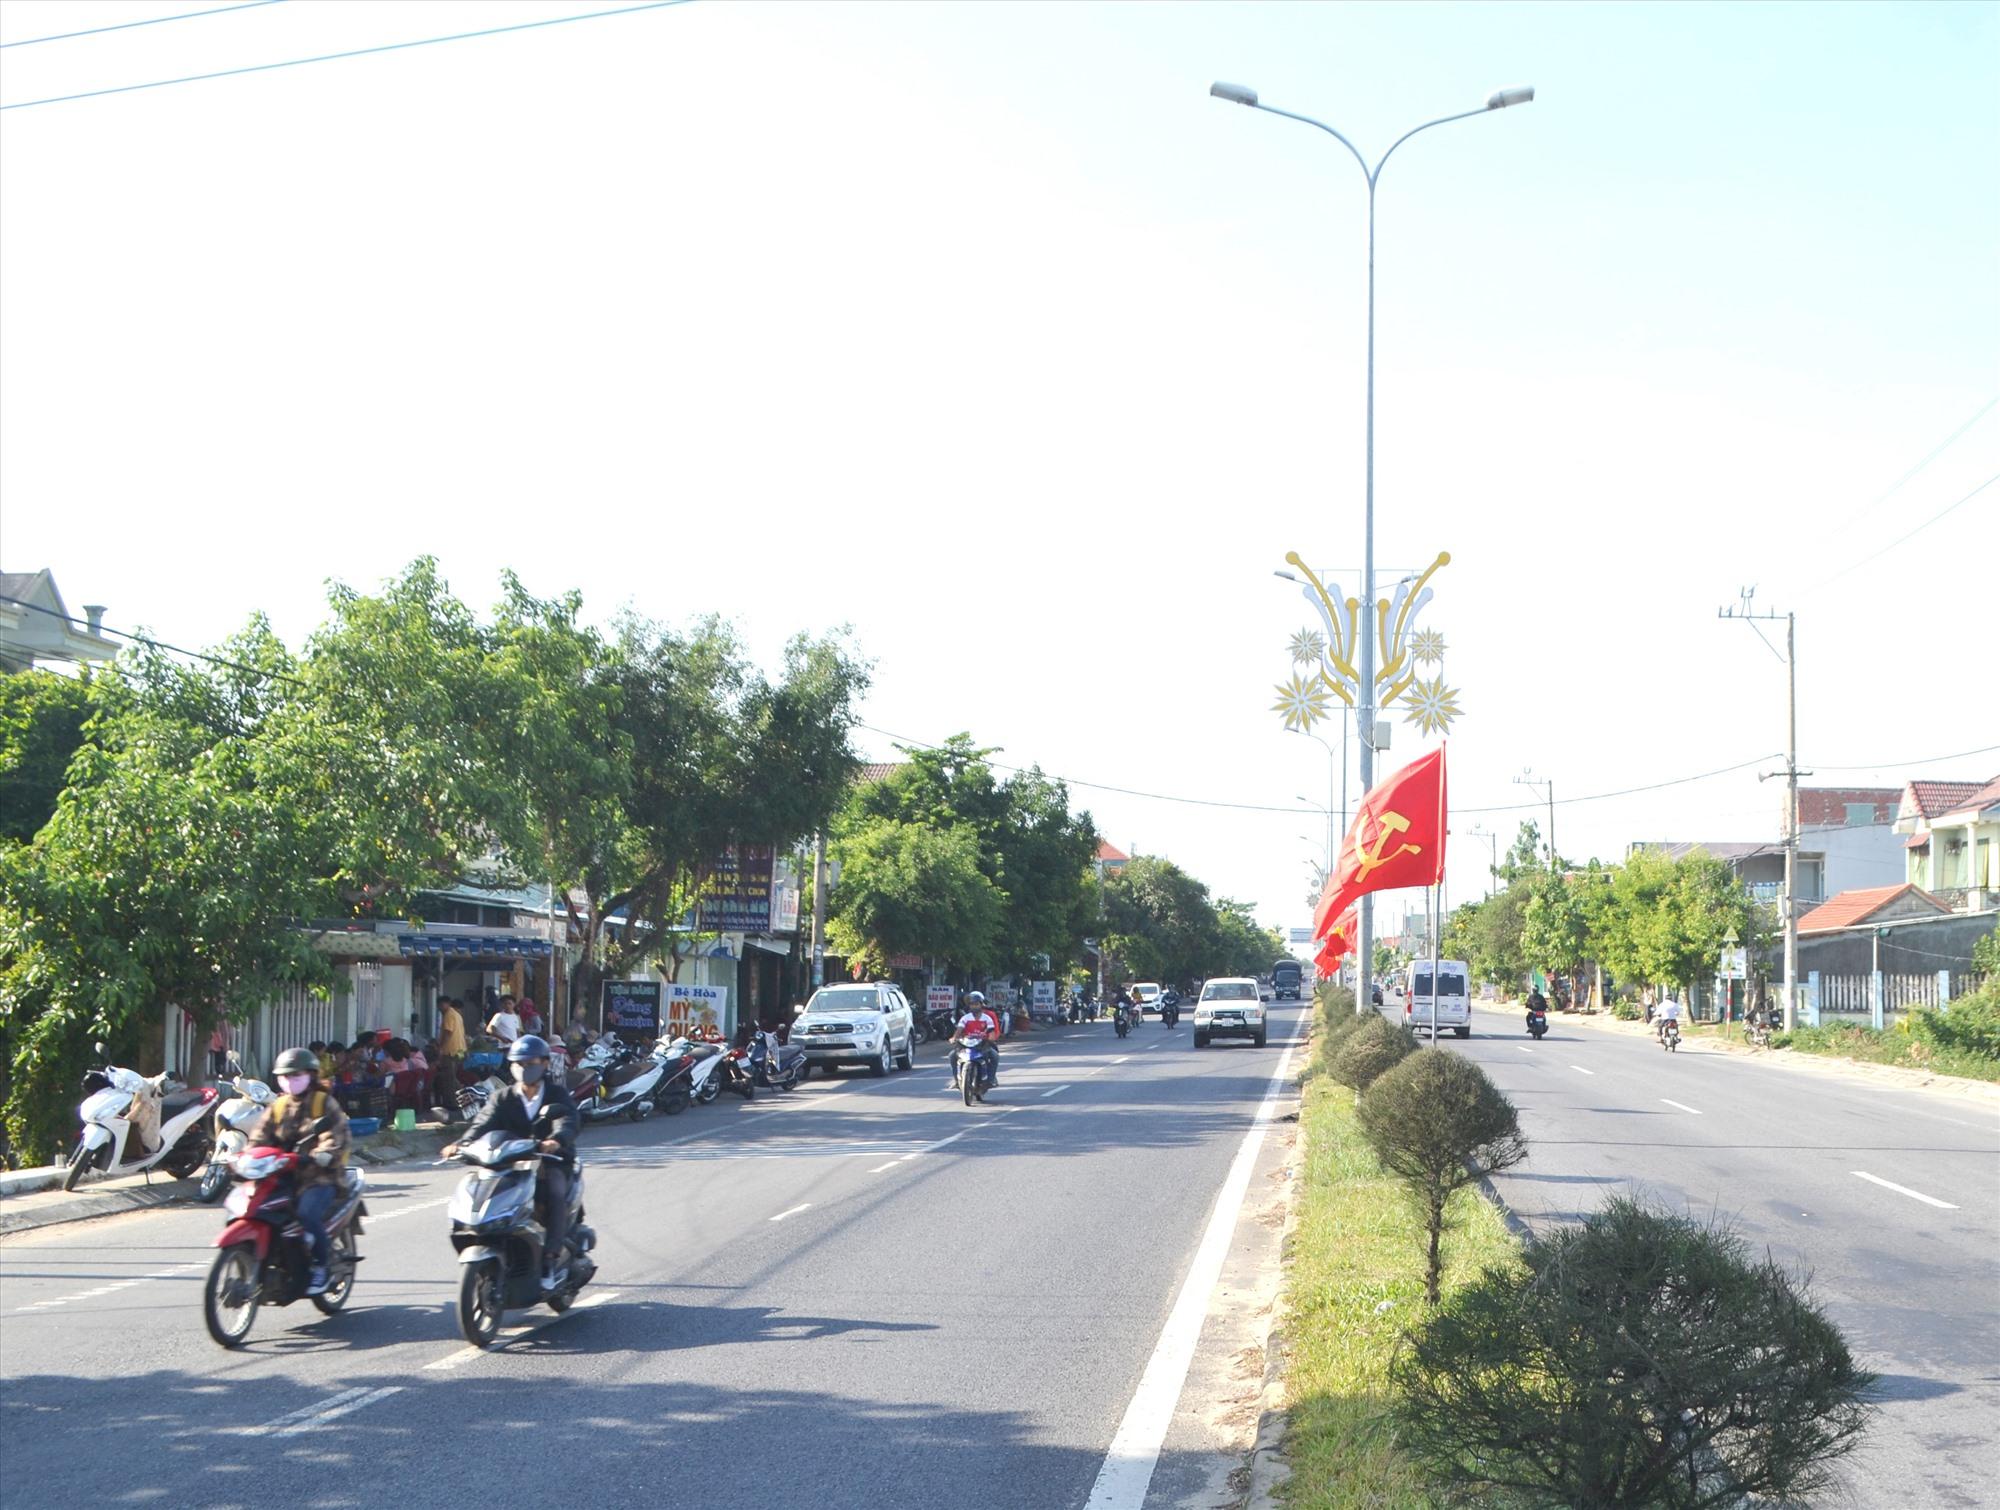 Quốc lộ 1 qua trung tâm xã Điện Thắng Trung. Ảnh: CÔNG TÚ